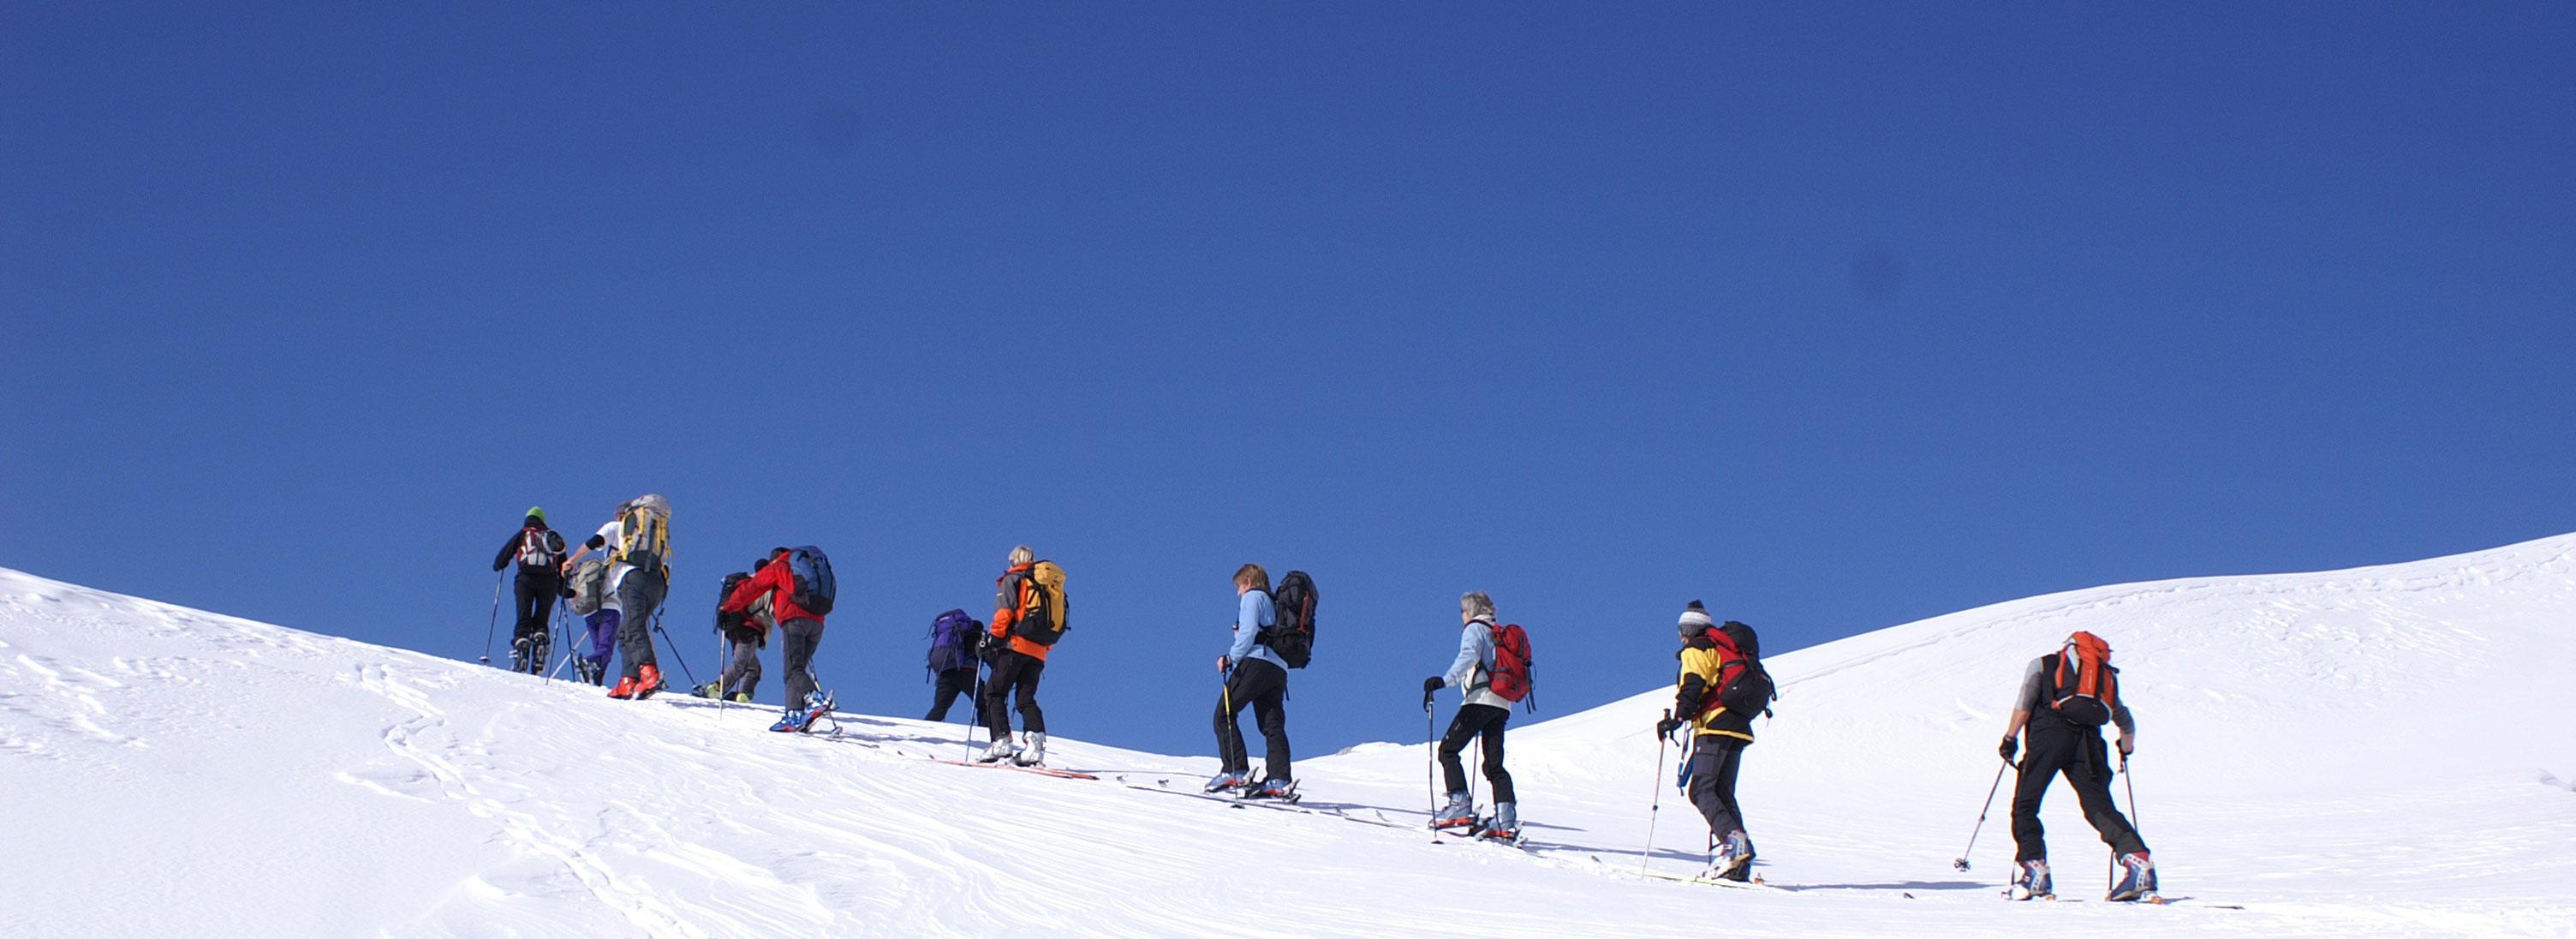 Gef�hrte Schneeschuh-/ Skitouren